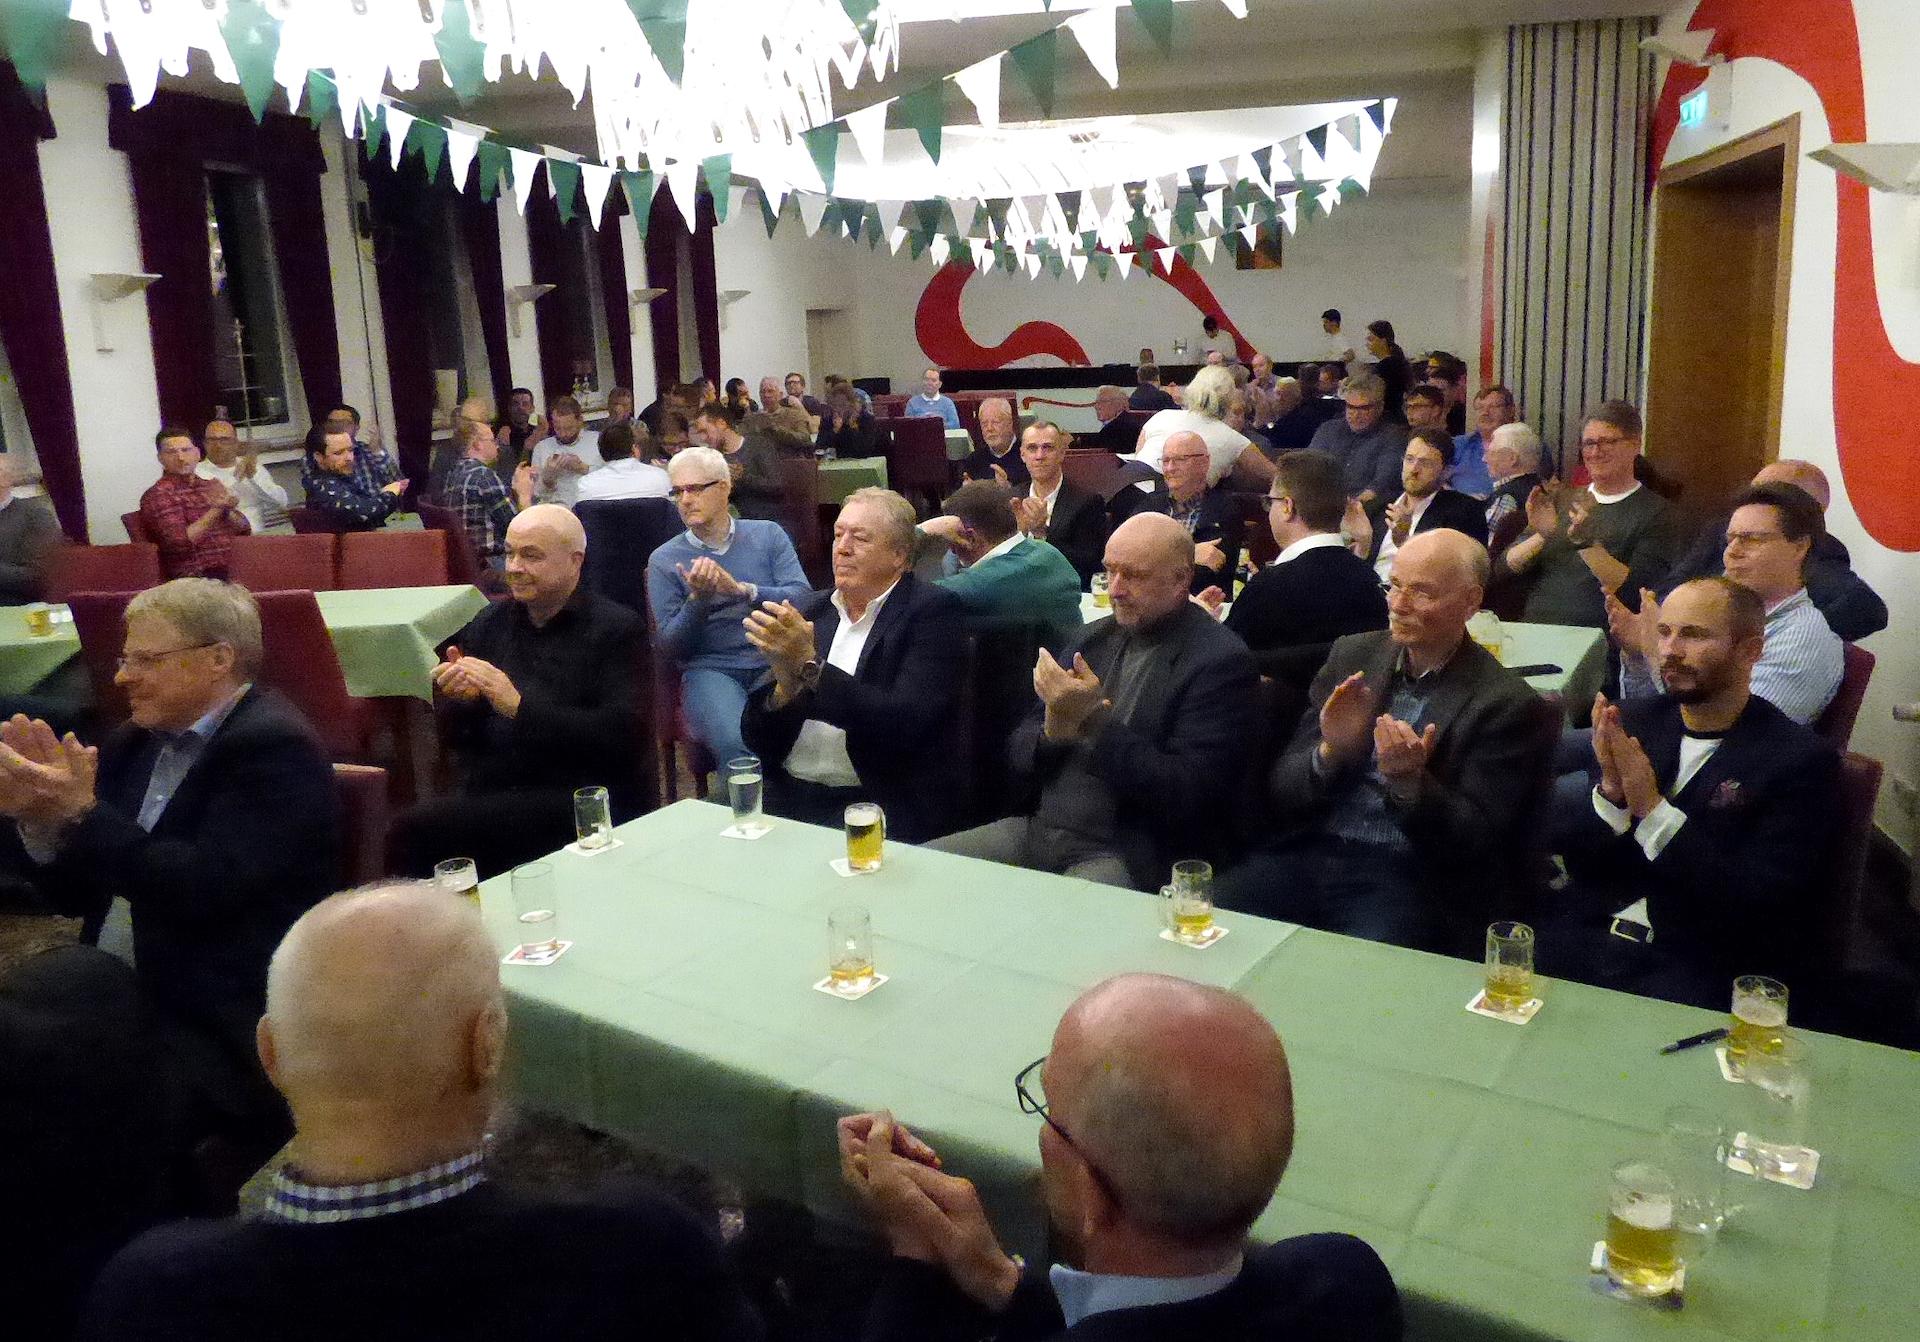 In der Mitgliederversammlung des St.-Sebastianus-Schützenvereins Olpe freuten sich die Teilnehmer über die weiterhin positive Entwicklung ihres Vereins. Foto: Siegener Zeitung